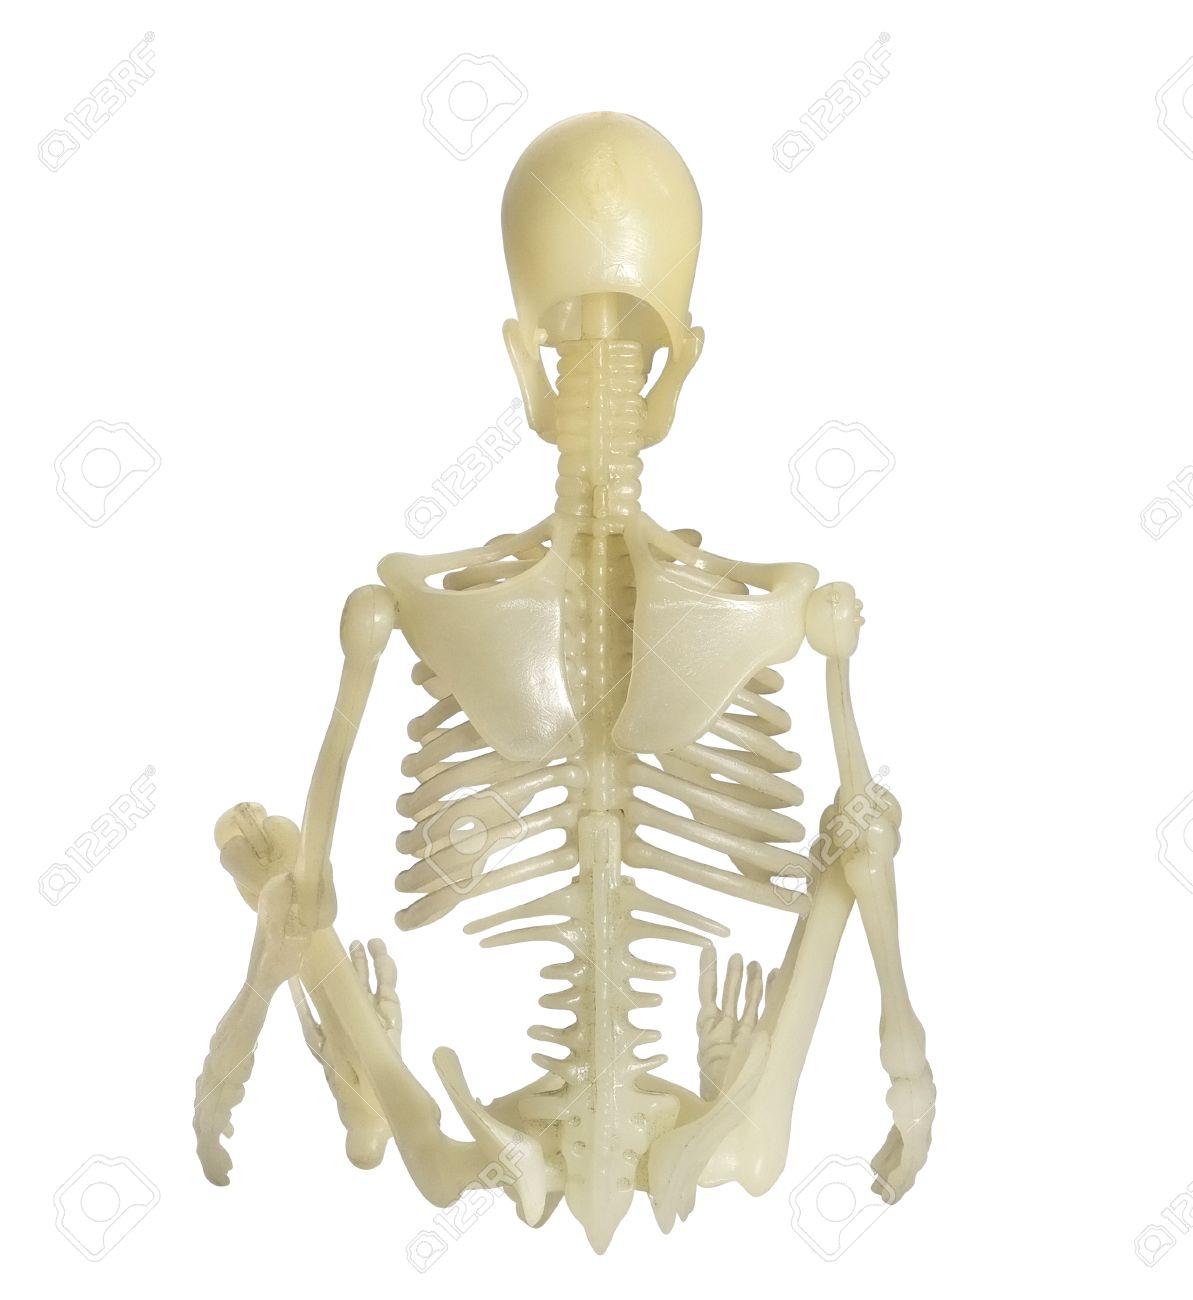 Groß Skelett Zurück Ideen - Menschliche Anatomie Bilder ...